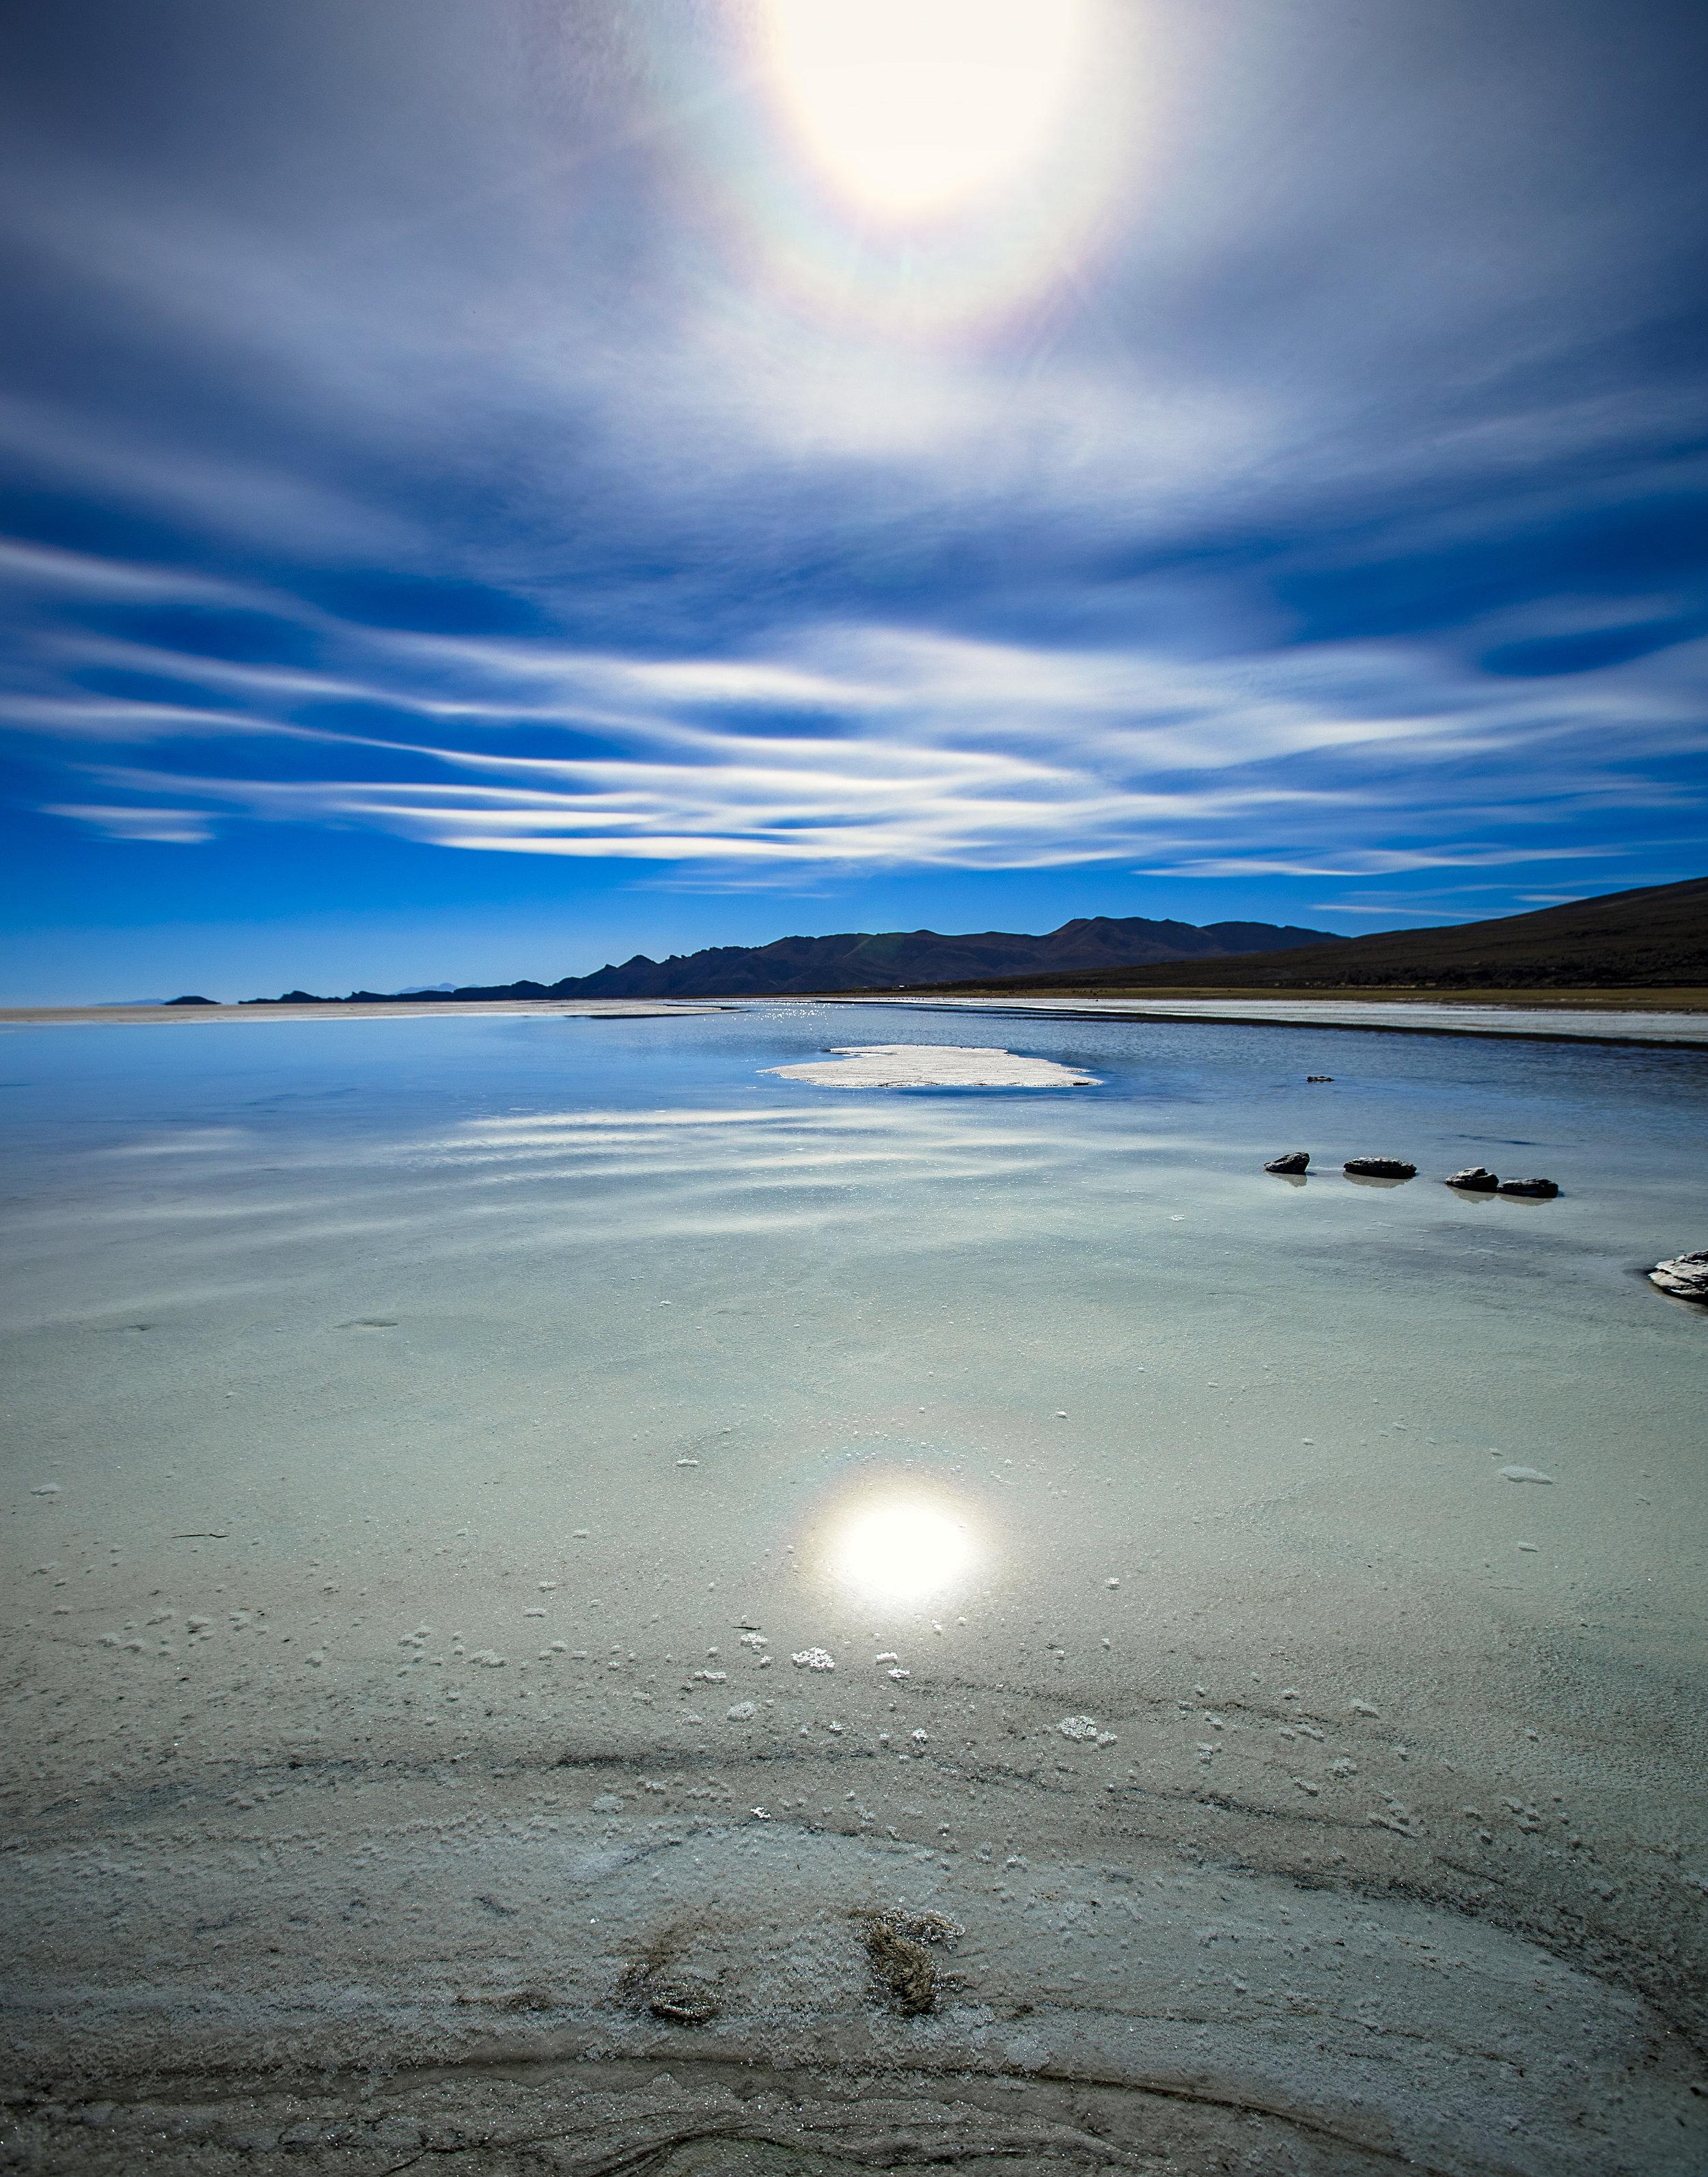 Simon+Needham+Photography+Salt+Flats+11.jpg